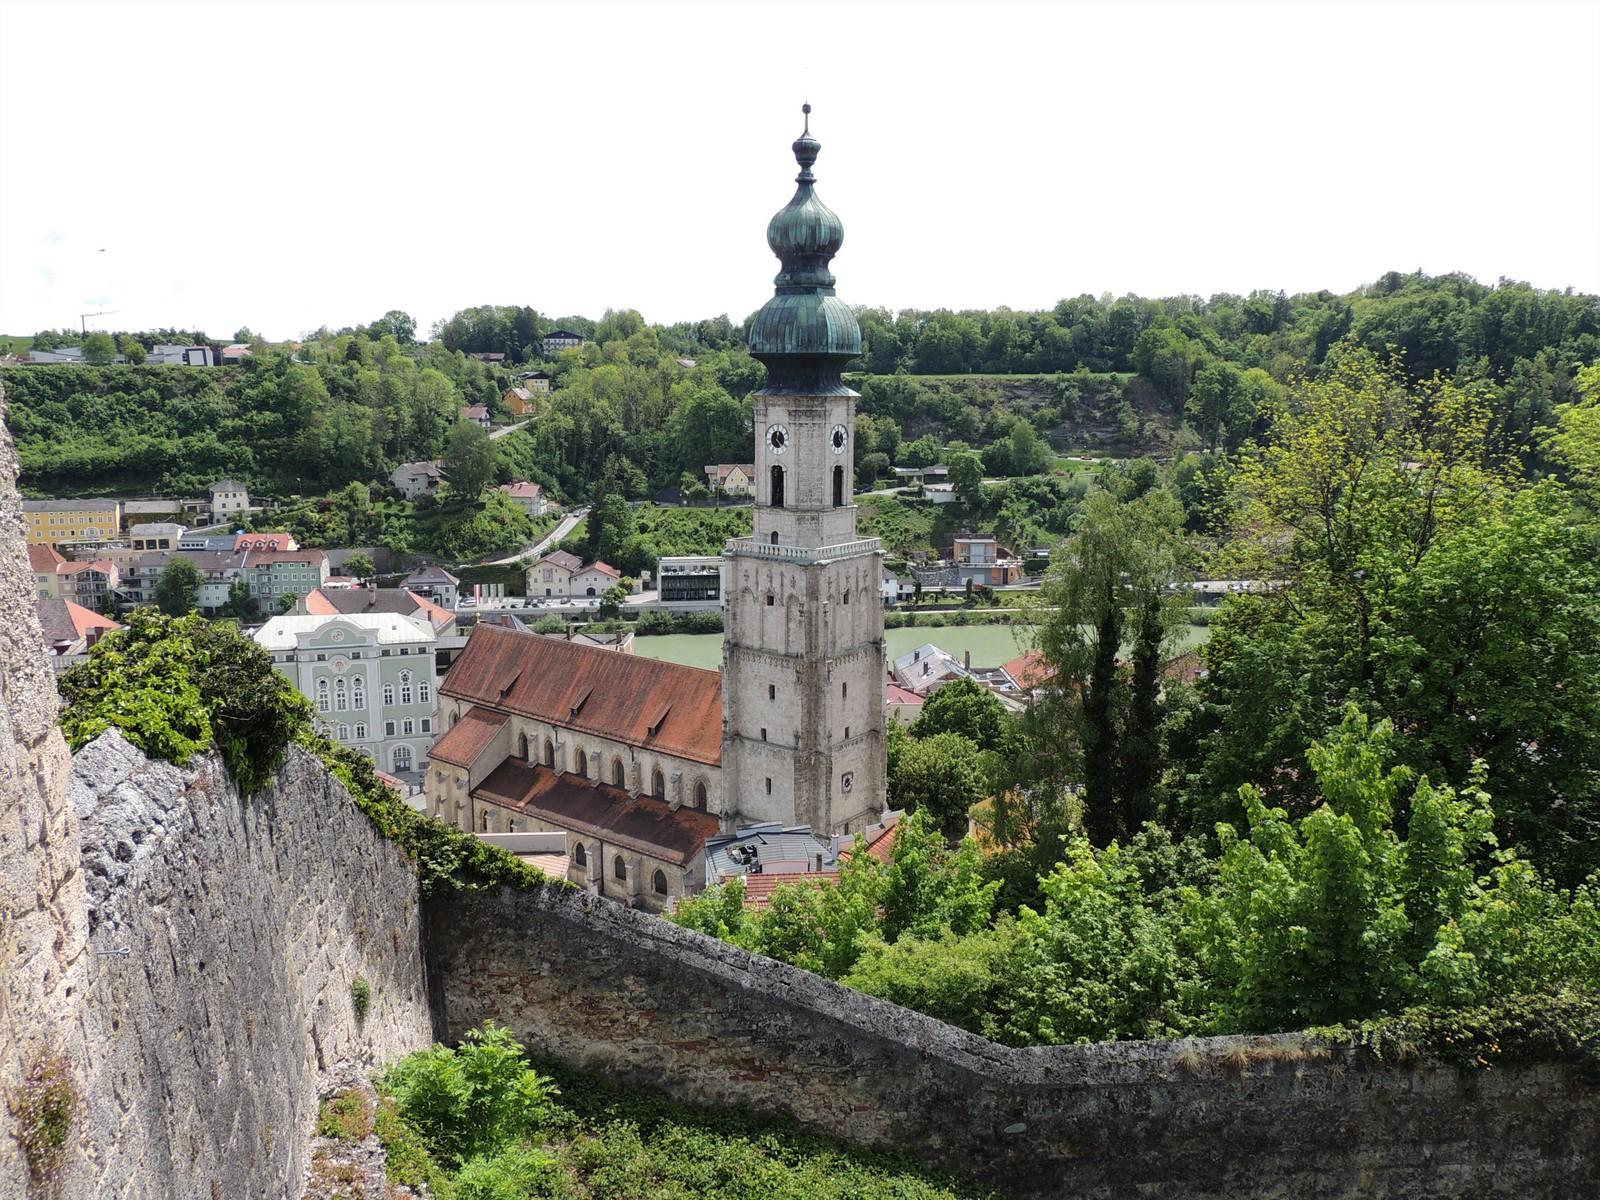 Burghausen - Stadtpfarrkirche St. Jakob